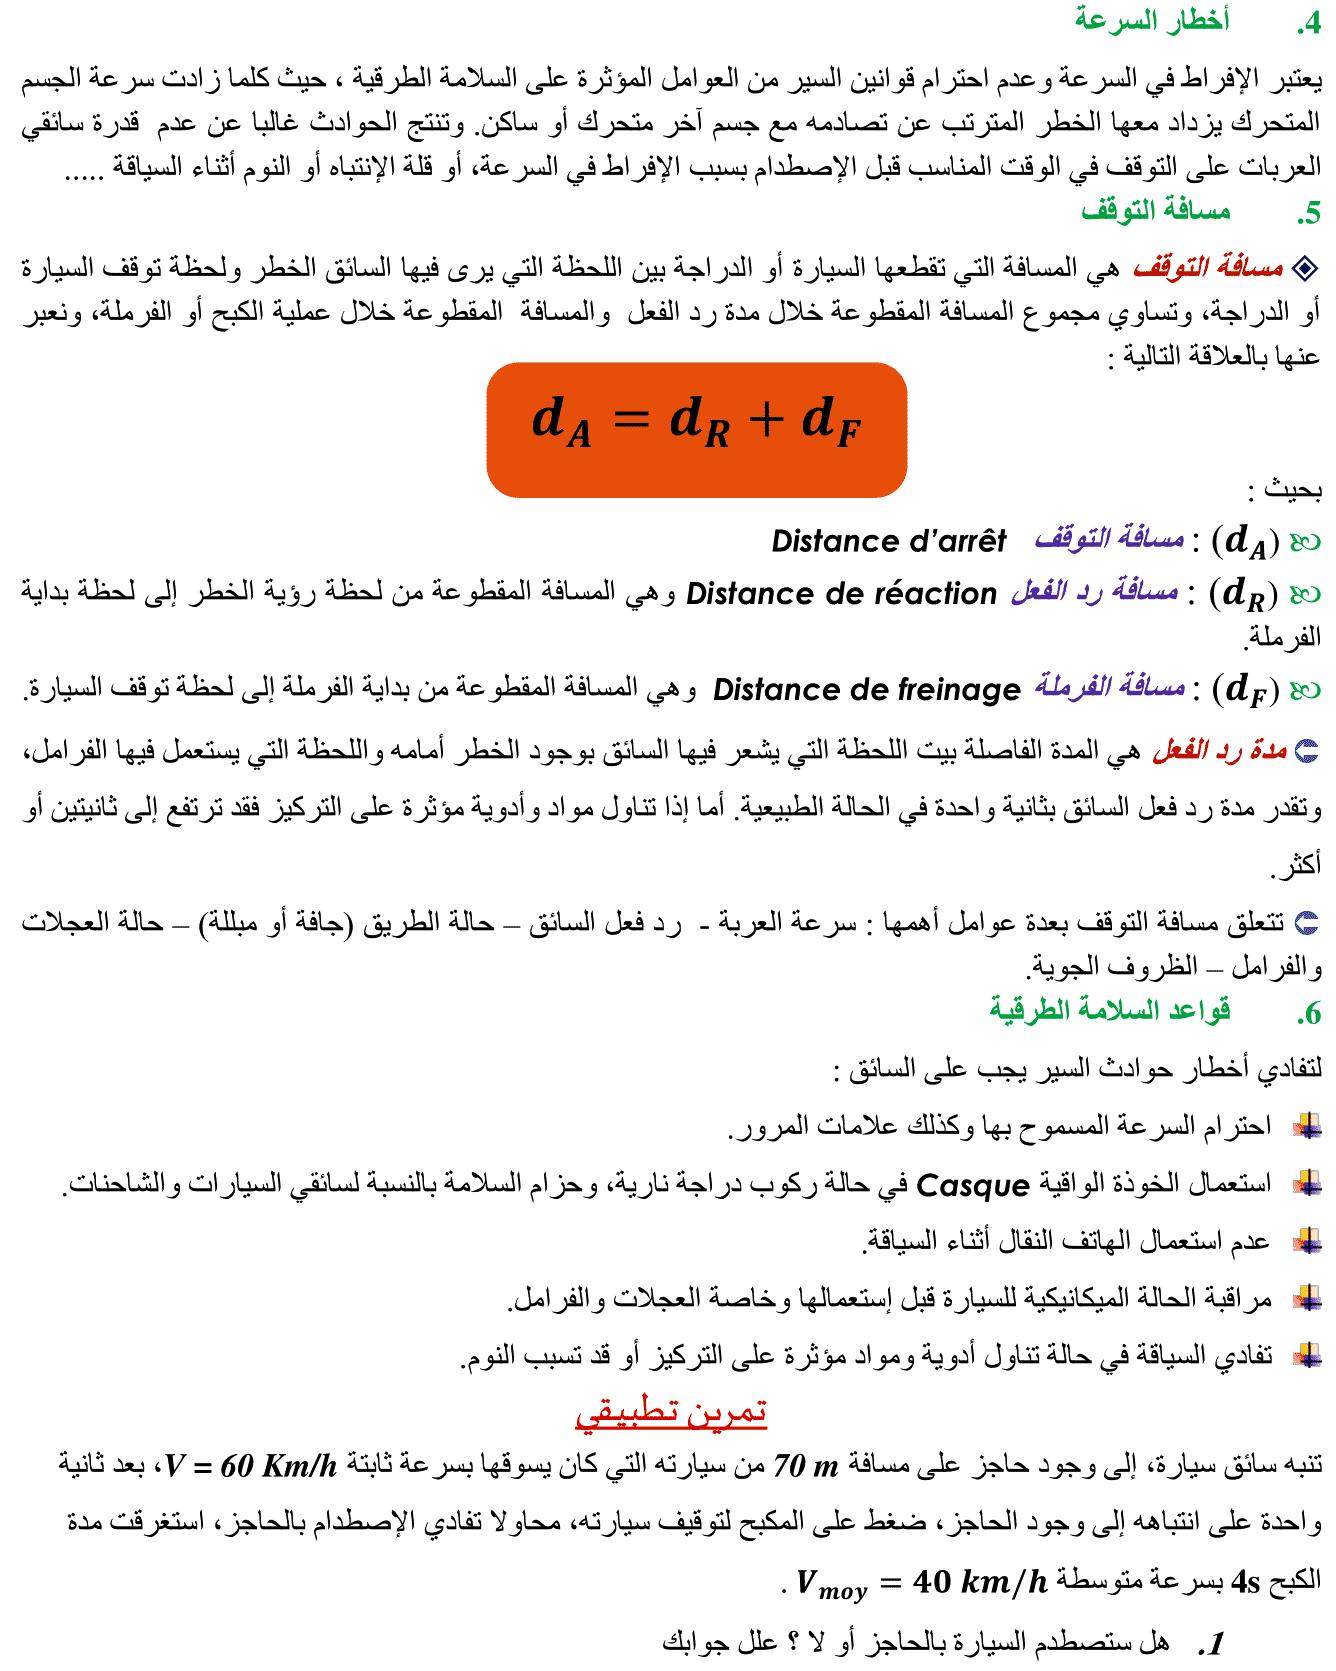 درس الحركة والسكون الثالثة اعدادي